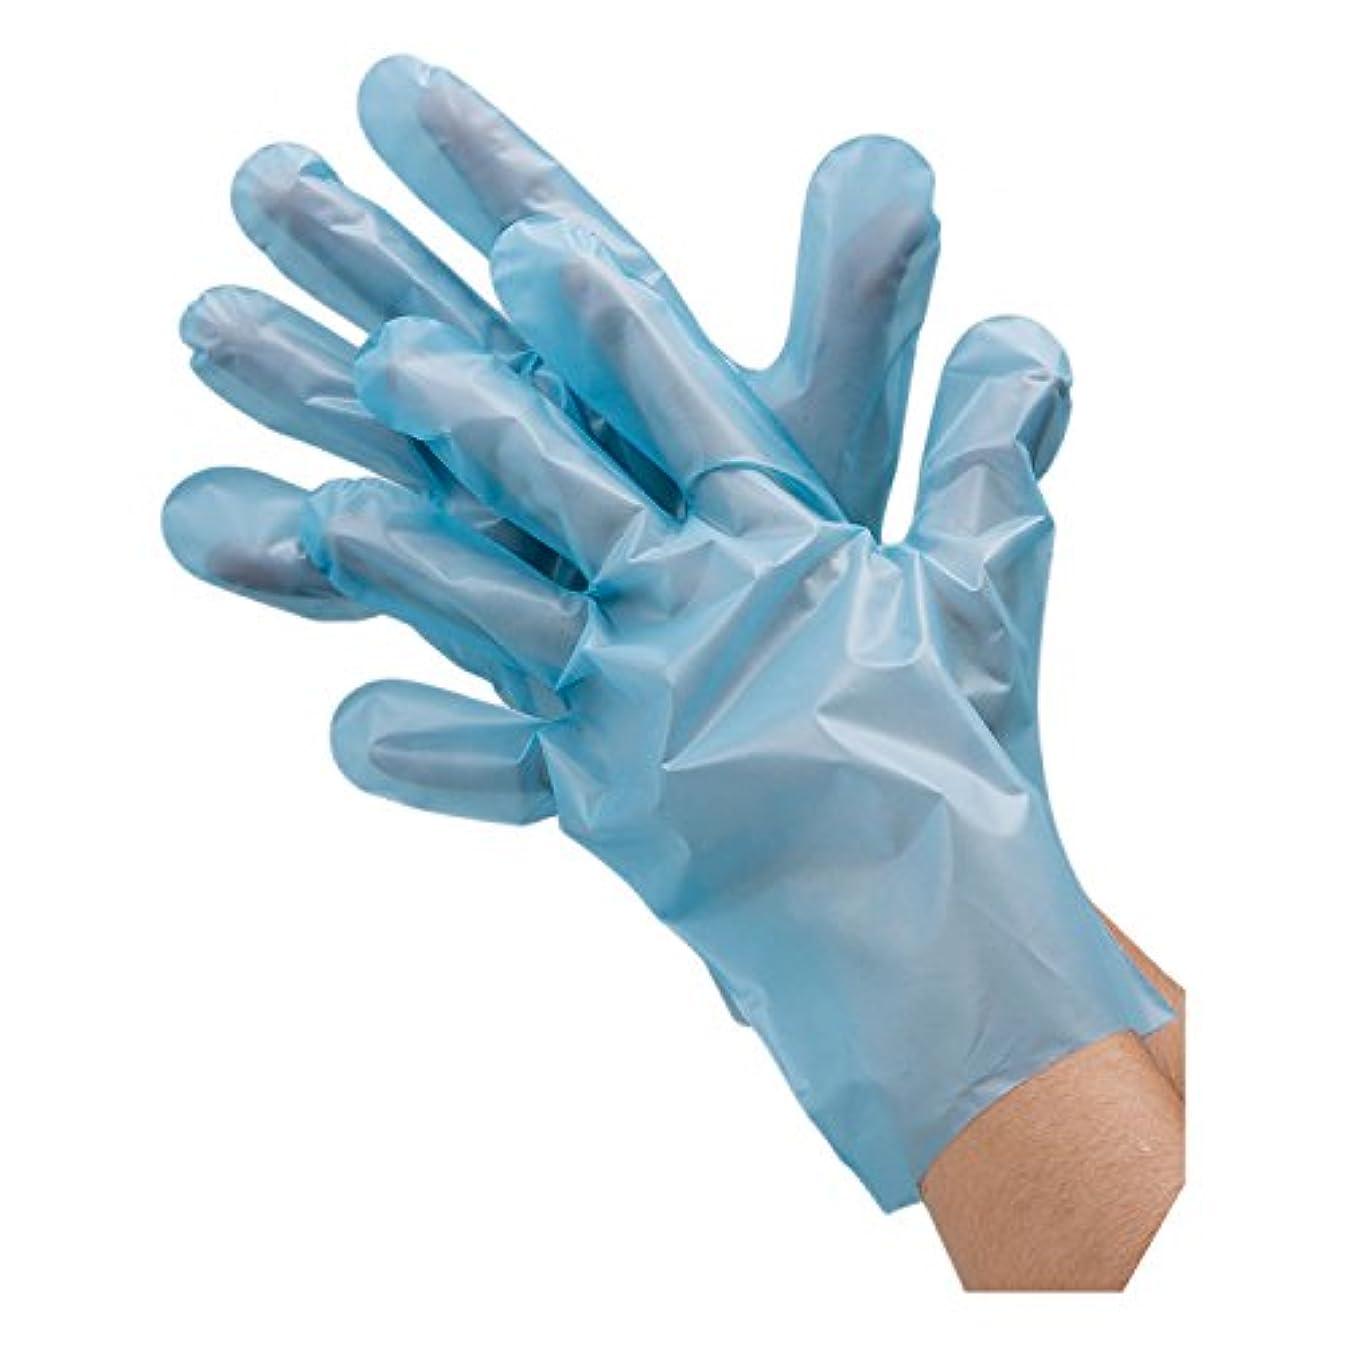 スイッチピット警察署川西工業 ポリエチレン手袋 外エンボス エコノミー 100枚入 #2018 ブルー M